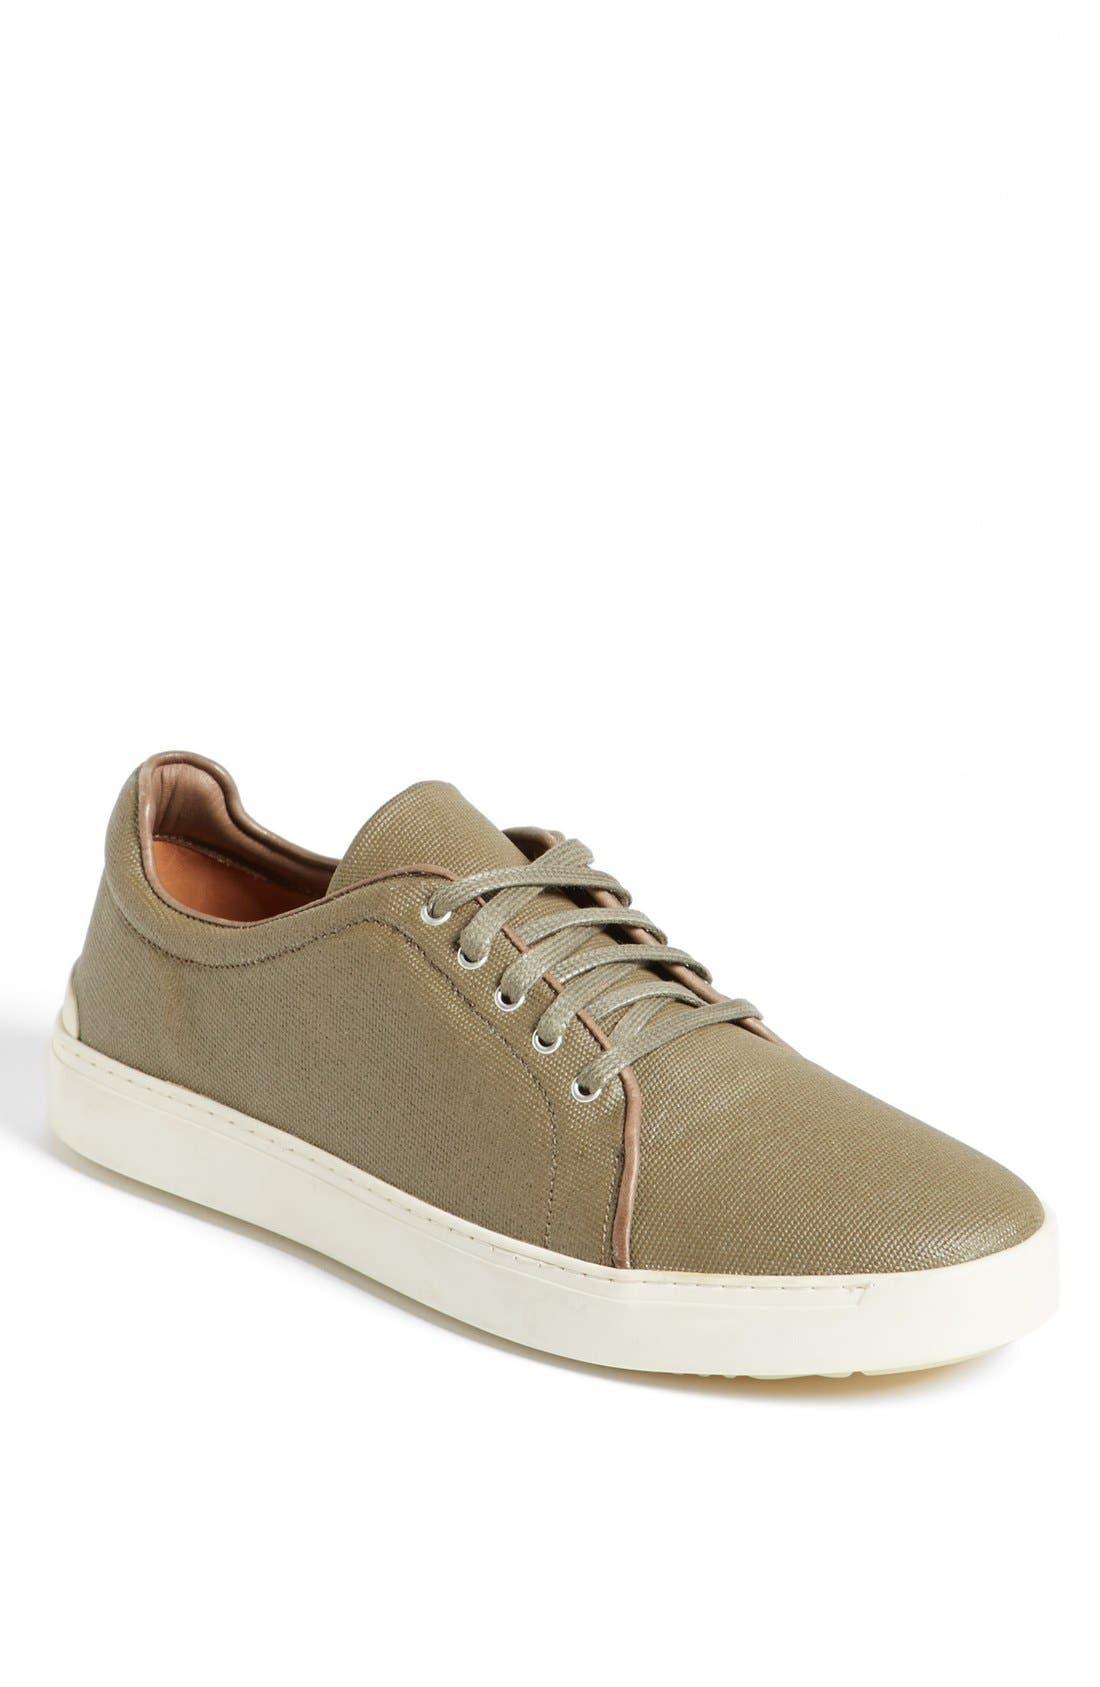 Main Image - rag & bone 'Kent' Sneaker